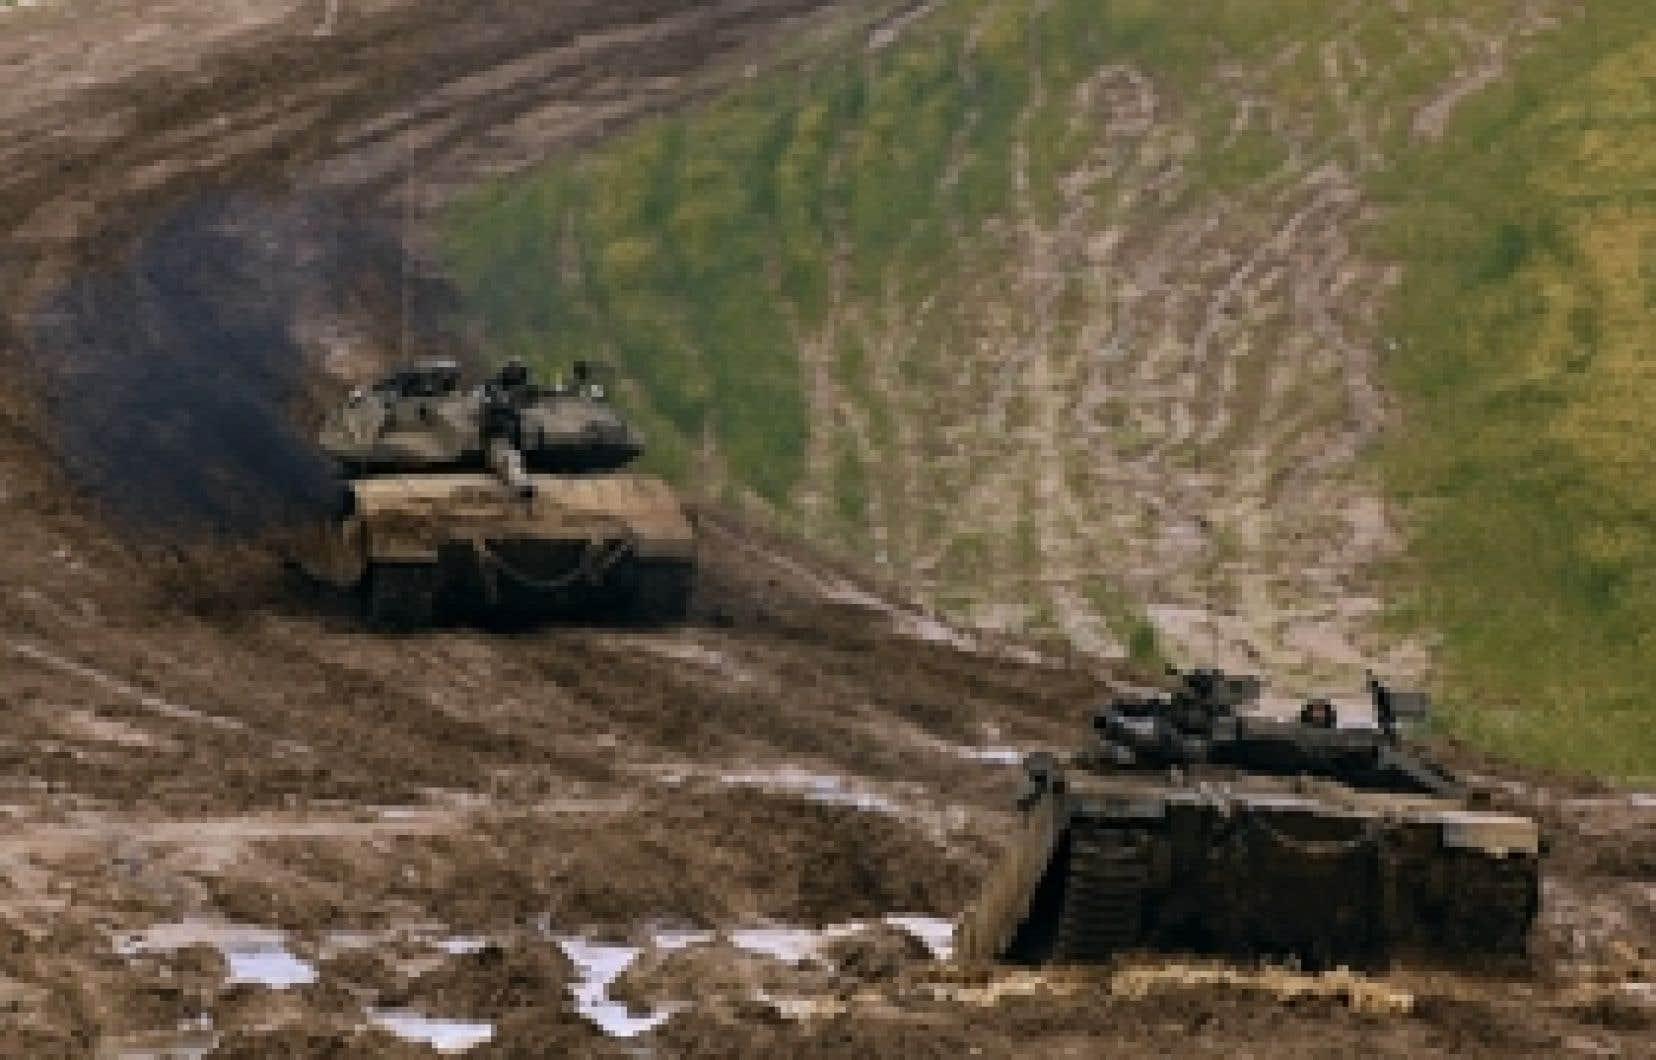 Des chars israéliens manoeuvraient hier près de la bande de Gaza. La question palestinienne divise toujours Benjamin Nétanyahou et Tzipi Livni, qui n'ont pu s'entendre hier pour participer à un gouvernement de coalition.